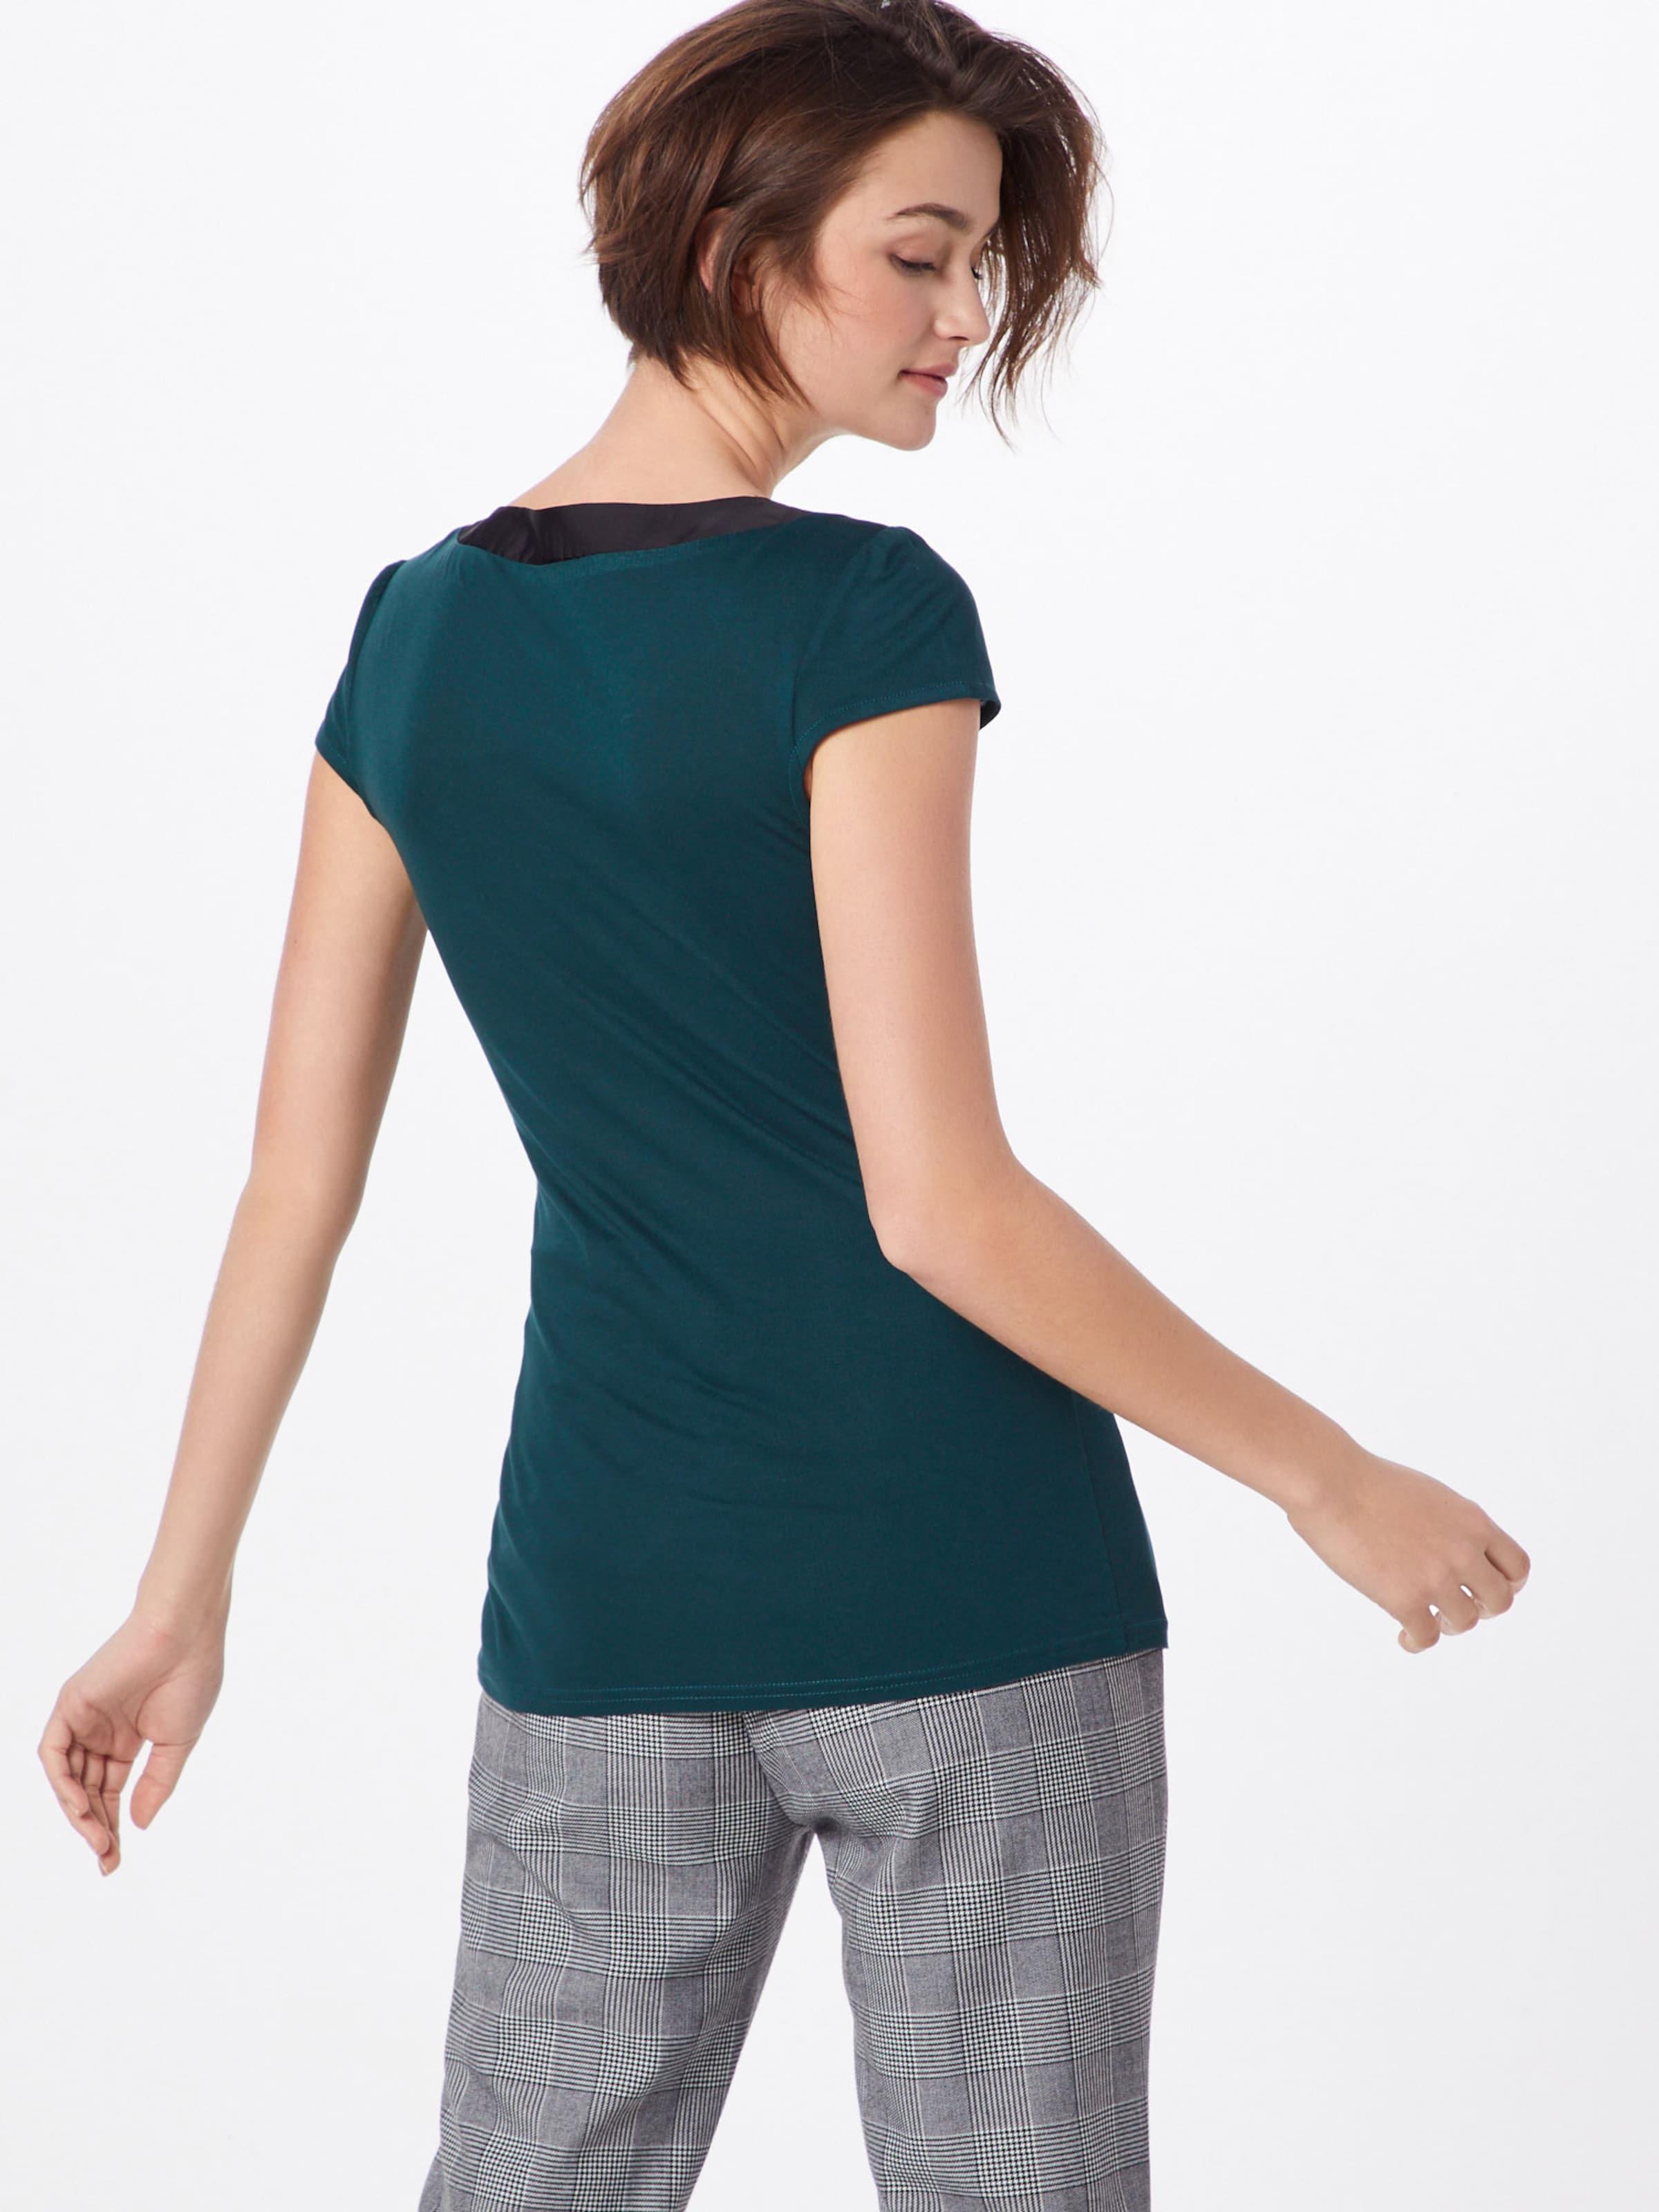 En You Foncé 'jara' About T Vert shirt fbgIv7Y6y